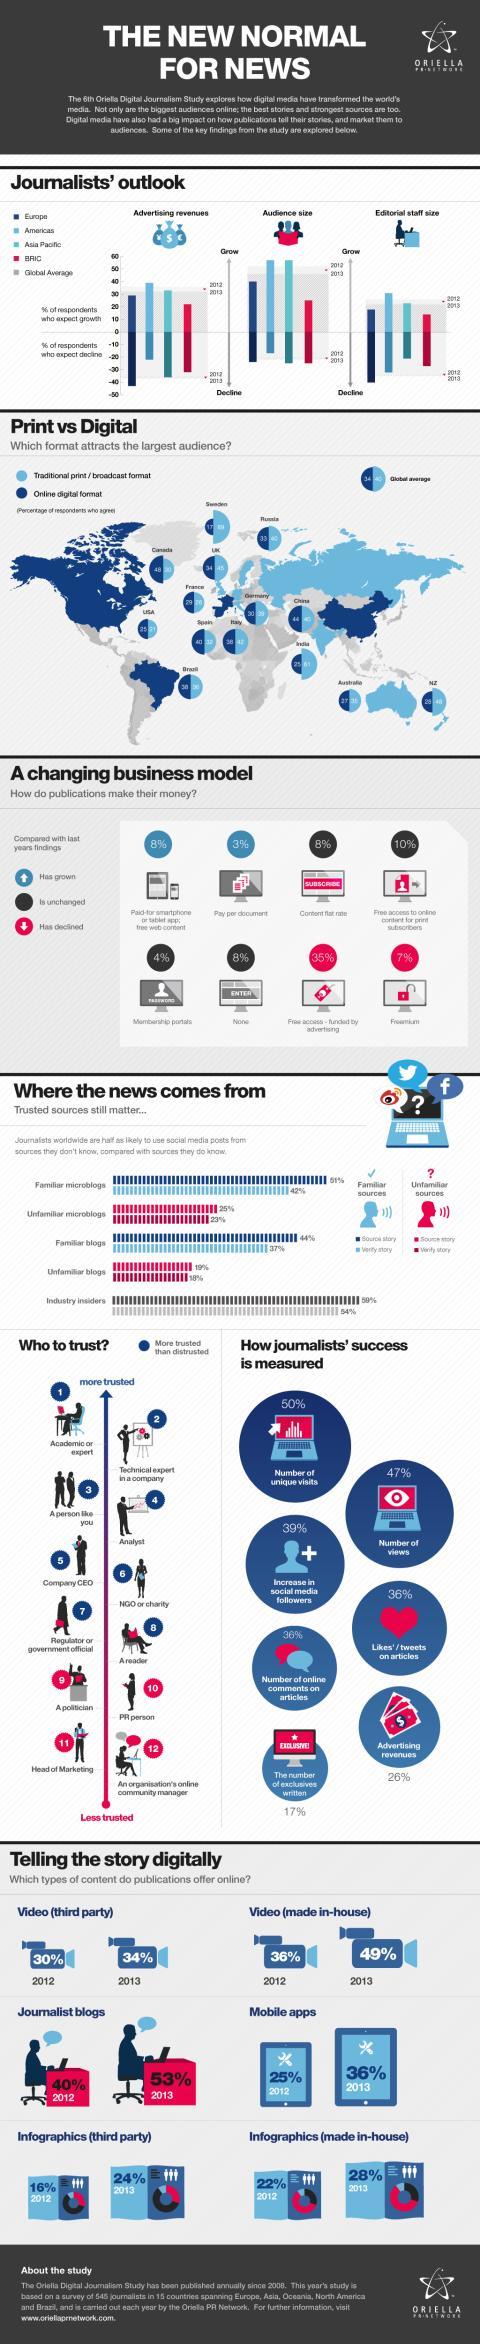 Informationsgrafik: Digitalt är vardagsmat för världens journalister